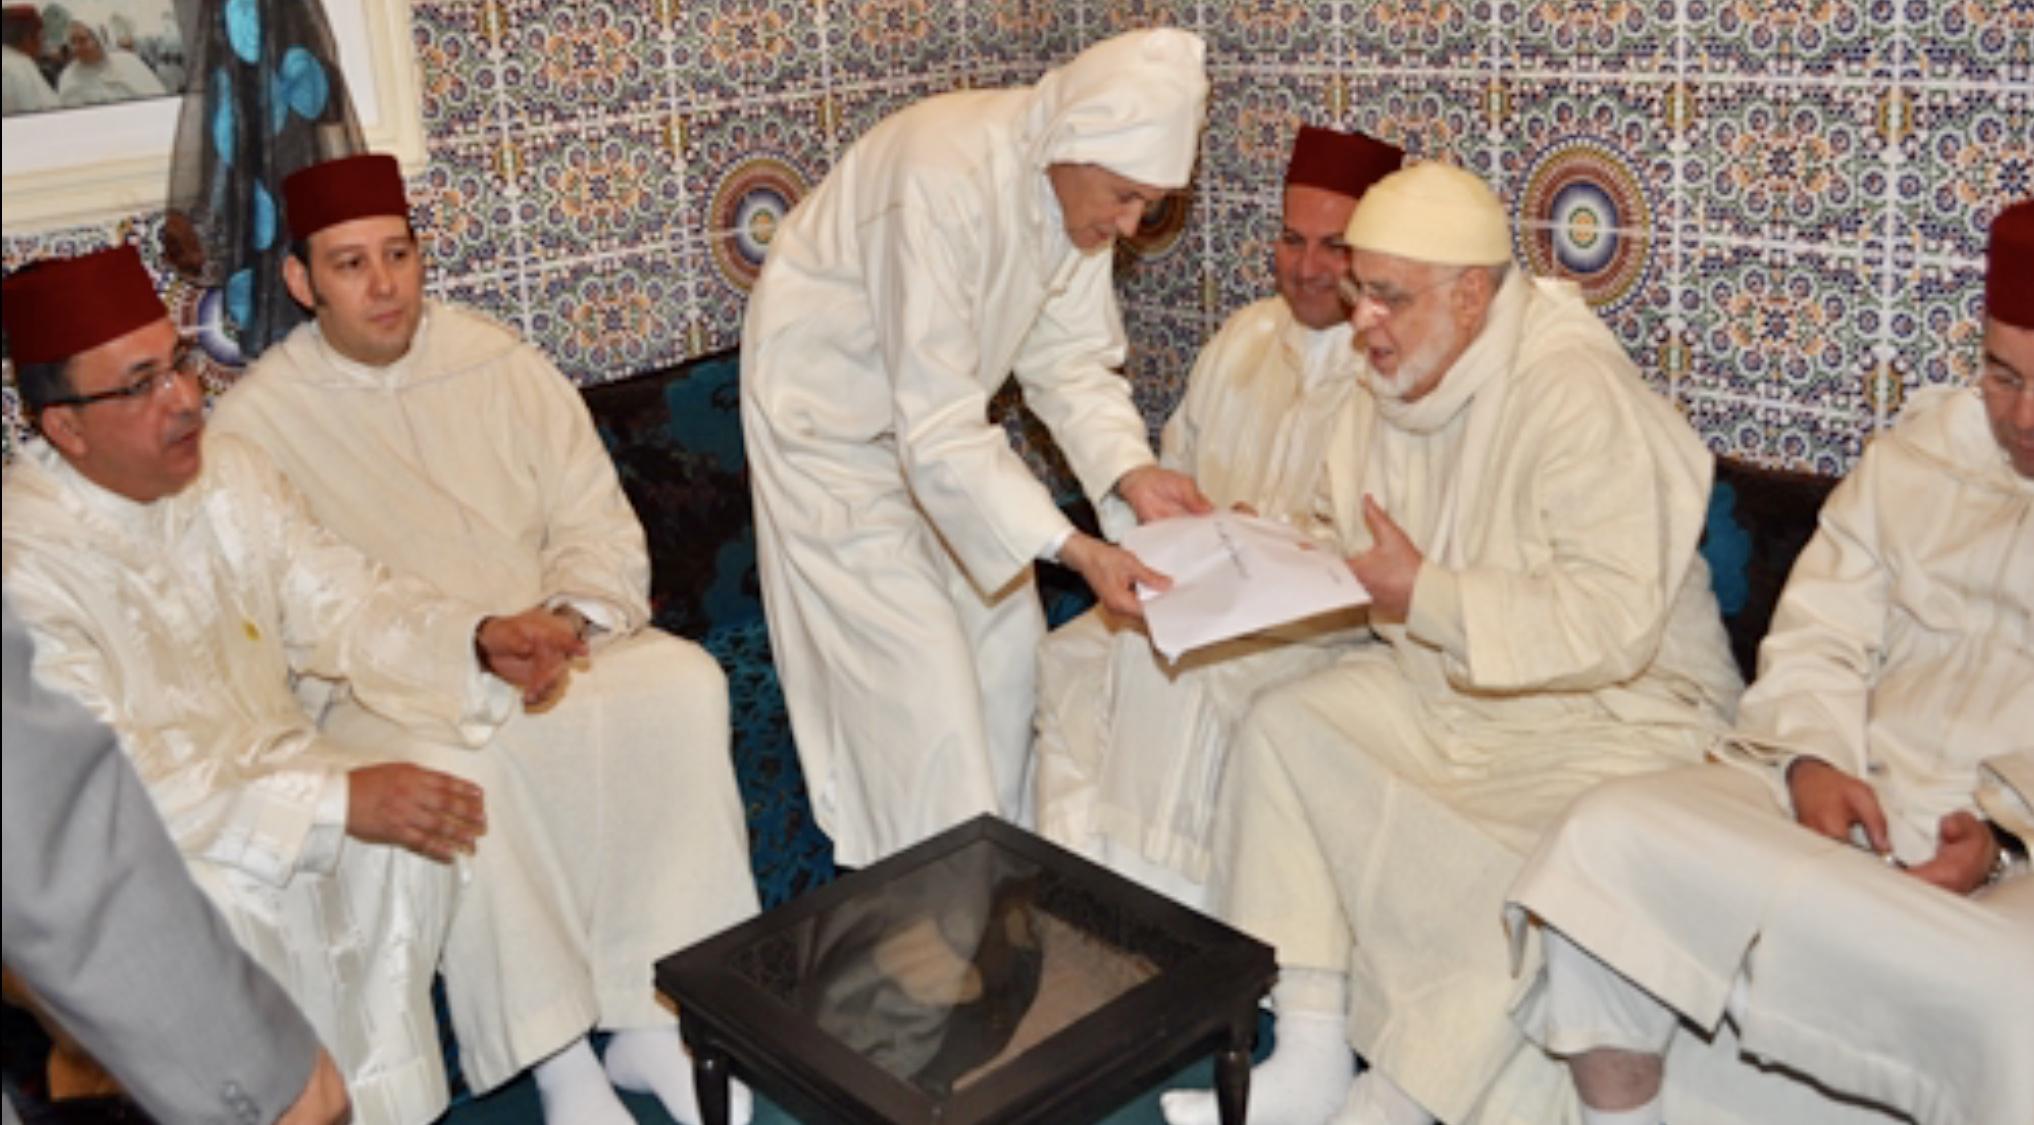 خبير: الدولة المغربية تصرف سنوياً 14 ملياراً على الزوايا والأضرحة مثل الكنائس في العصور المظلمة